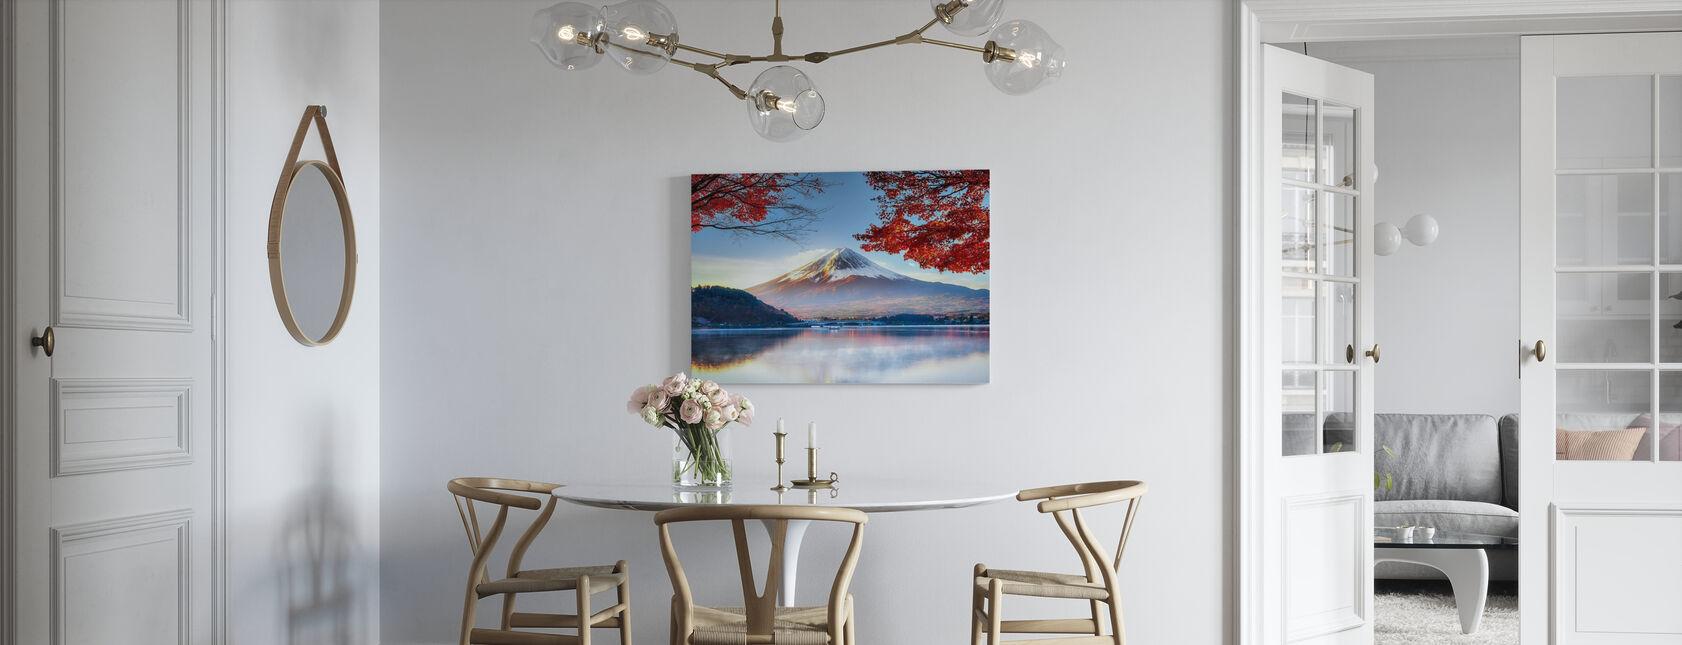 Fuji-berg in de herfst - Canvas print - Keuken